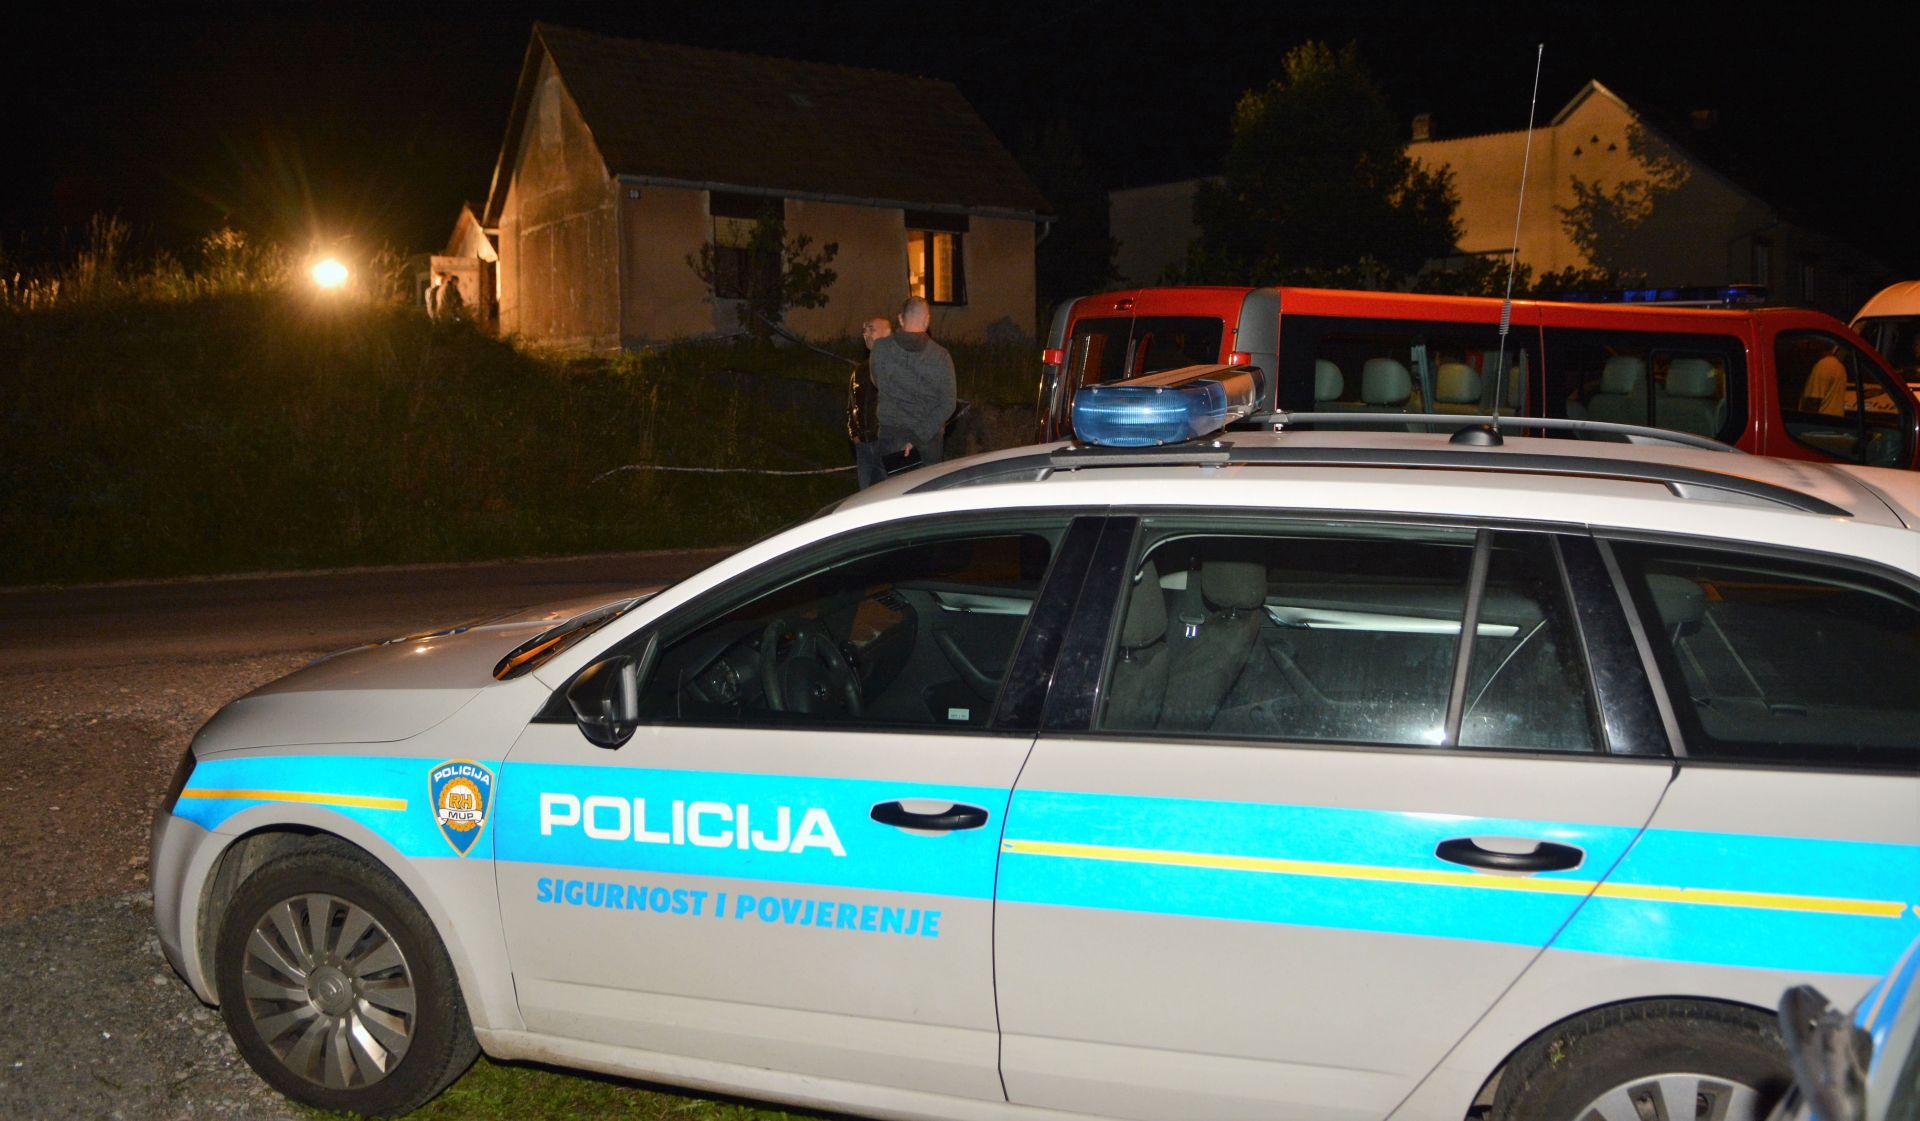 UBOJSTVO POLICAJCA: Ubio susjeda jer mu je prigovorio što puca po dvorištu